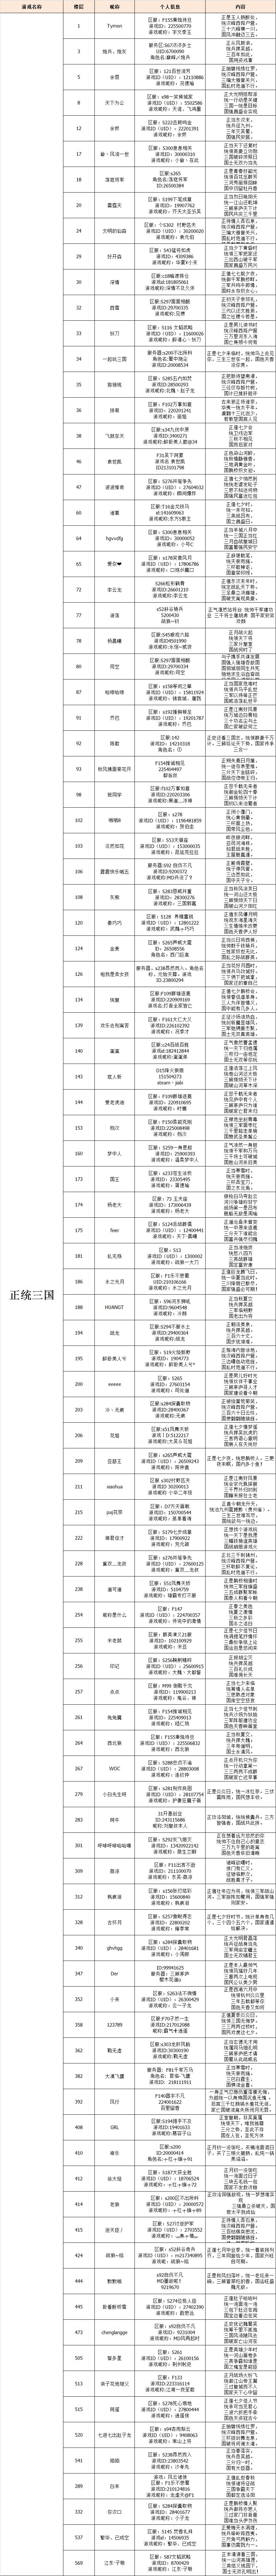 正统三国获奖名单图1.png